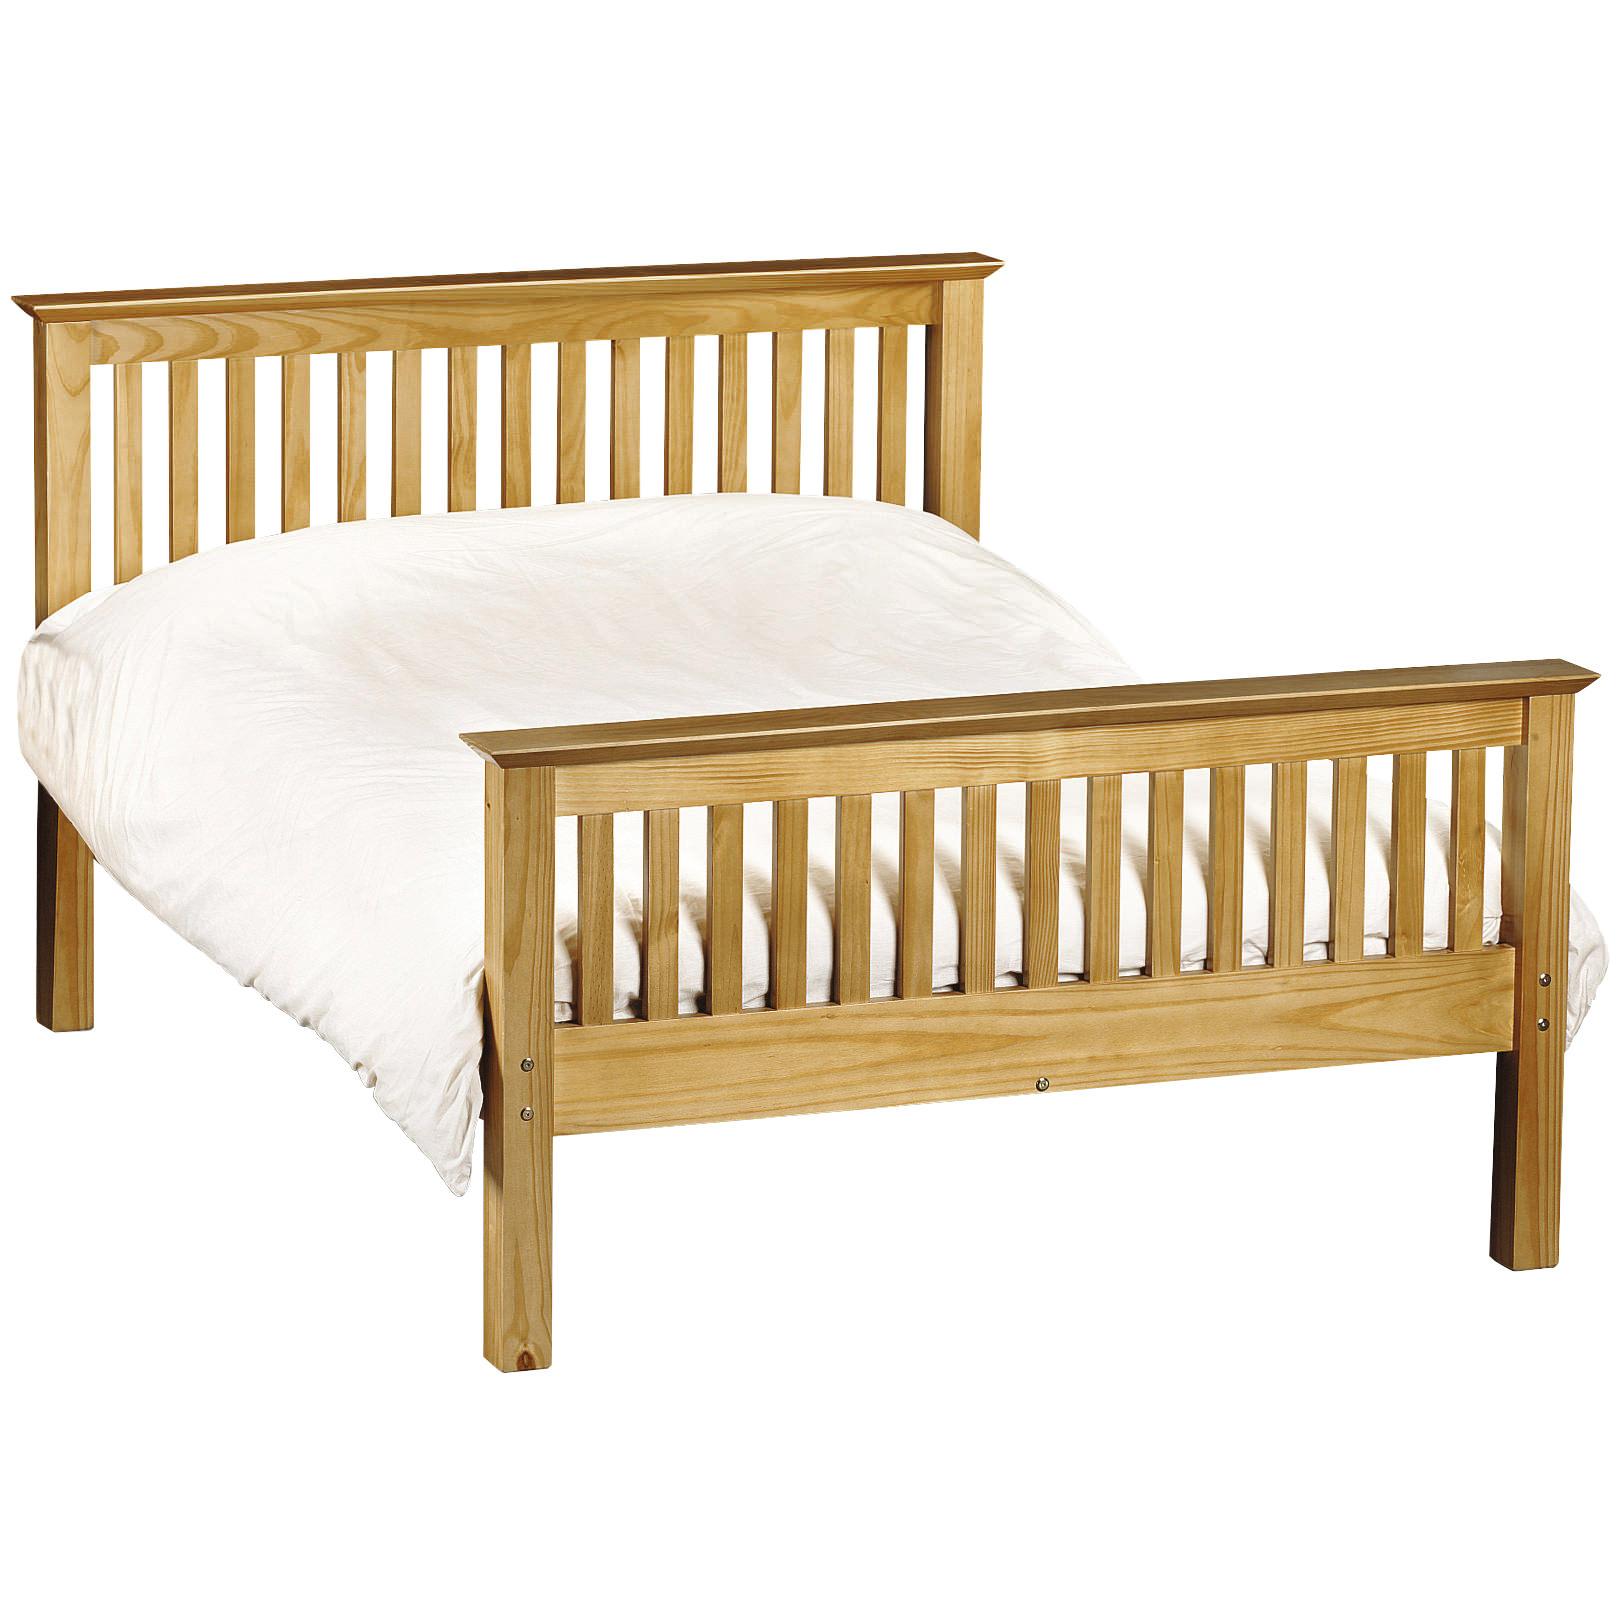 Solid Pine Bed Frame Bedstead | Single Double Kingsize 3ft 4ft6 5ft ...